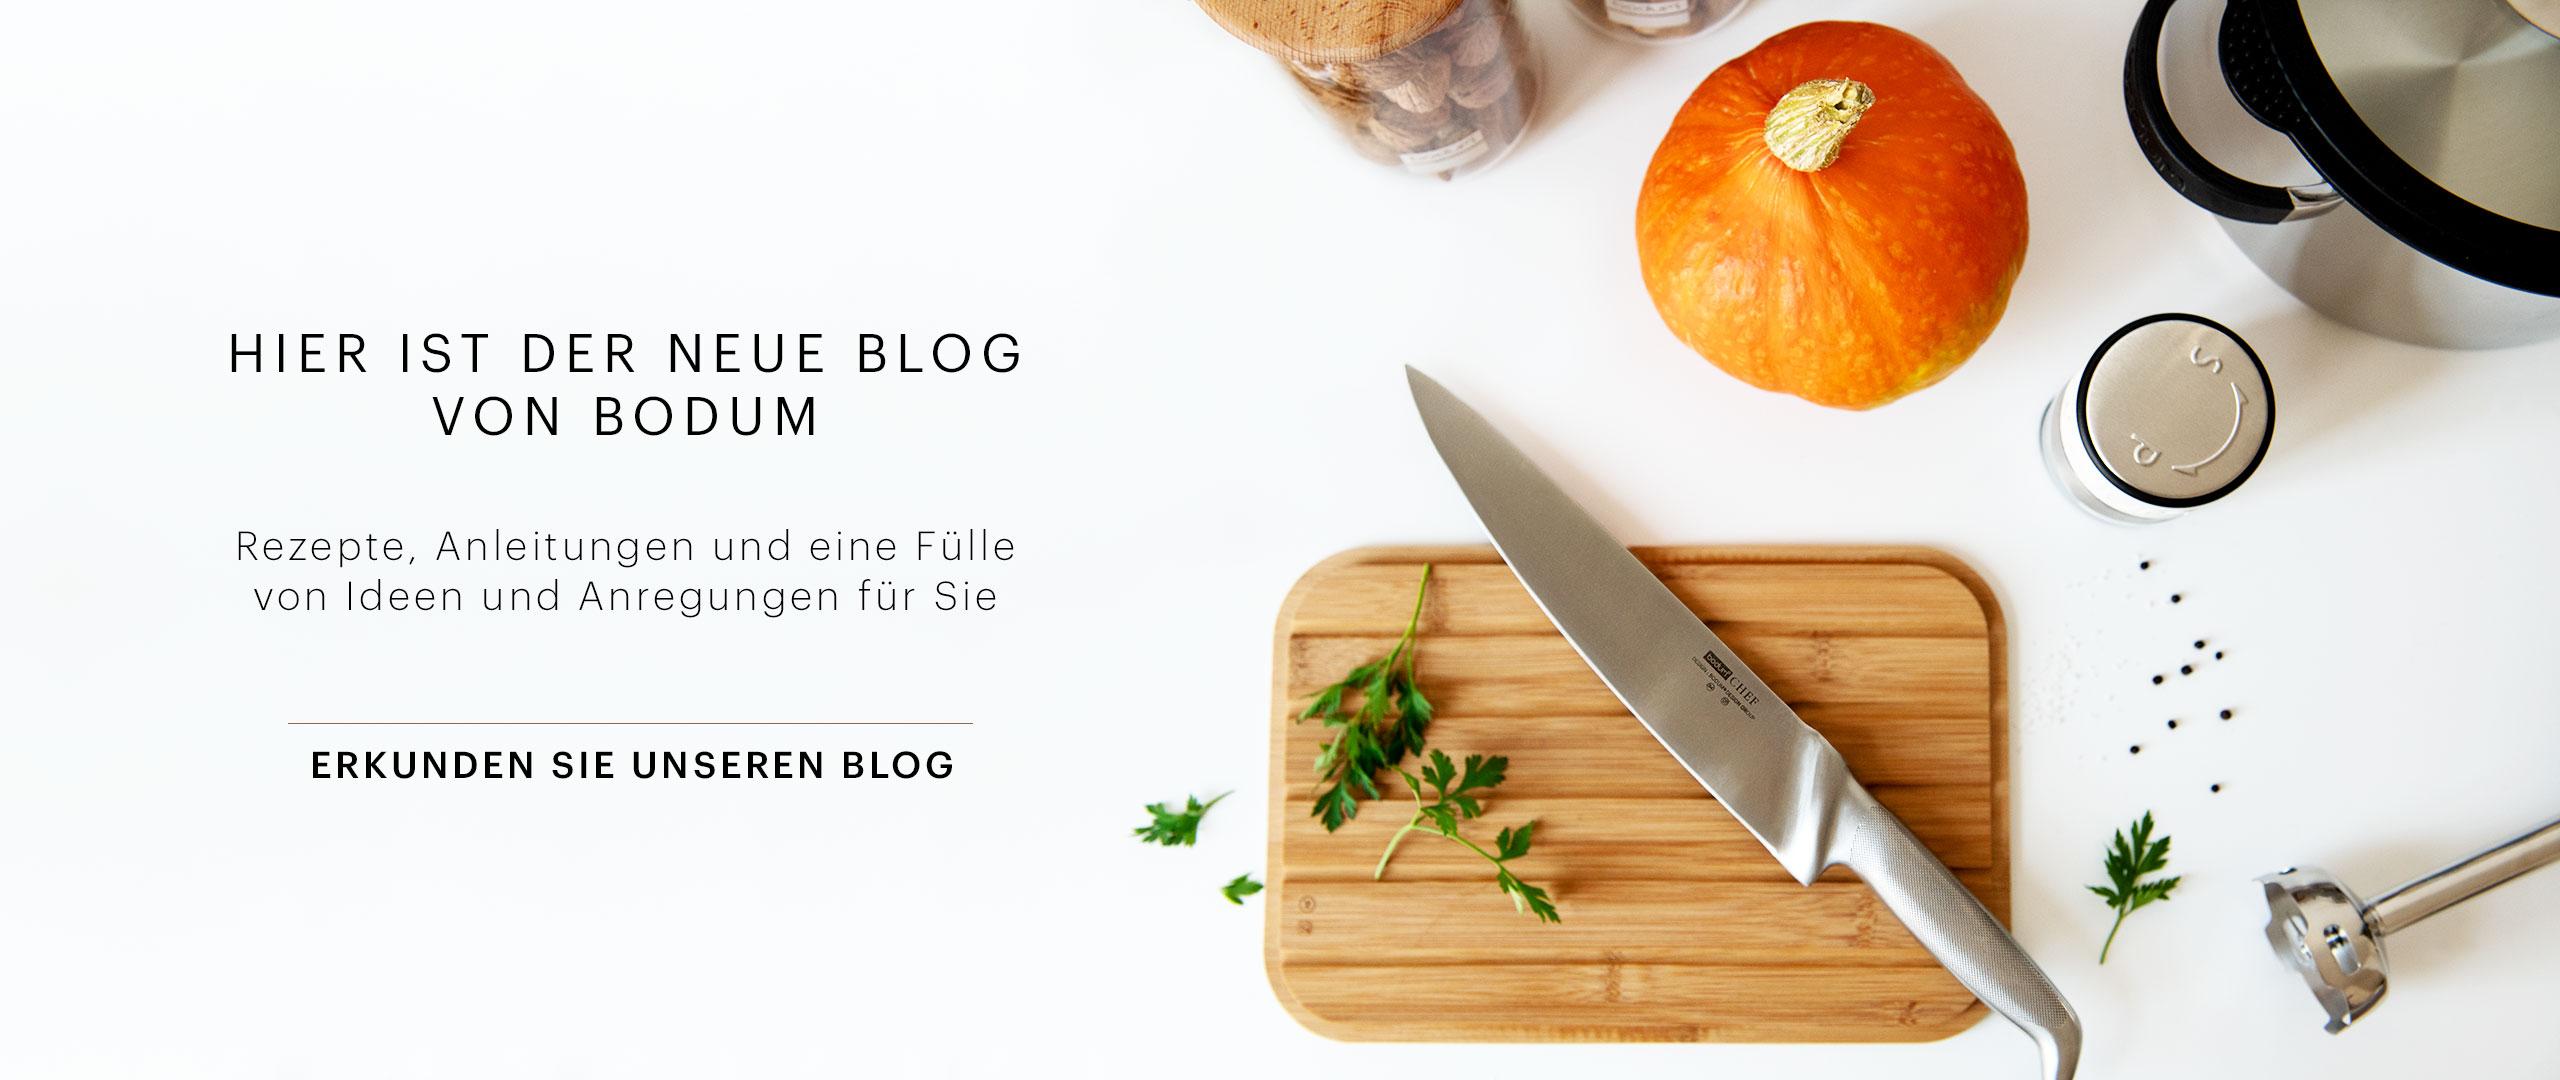 BEU [DE] - Blog